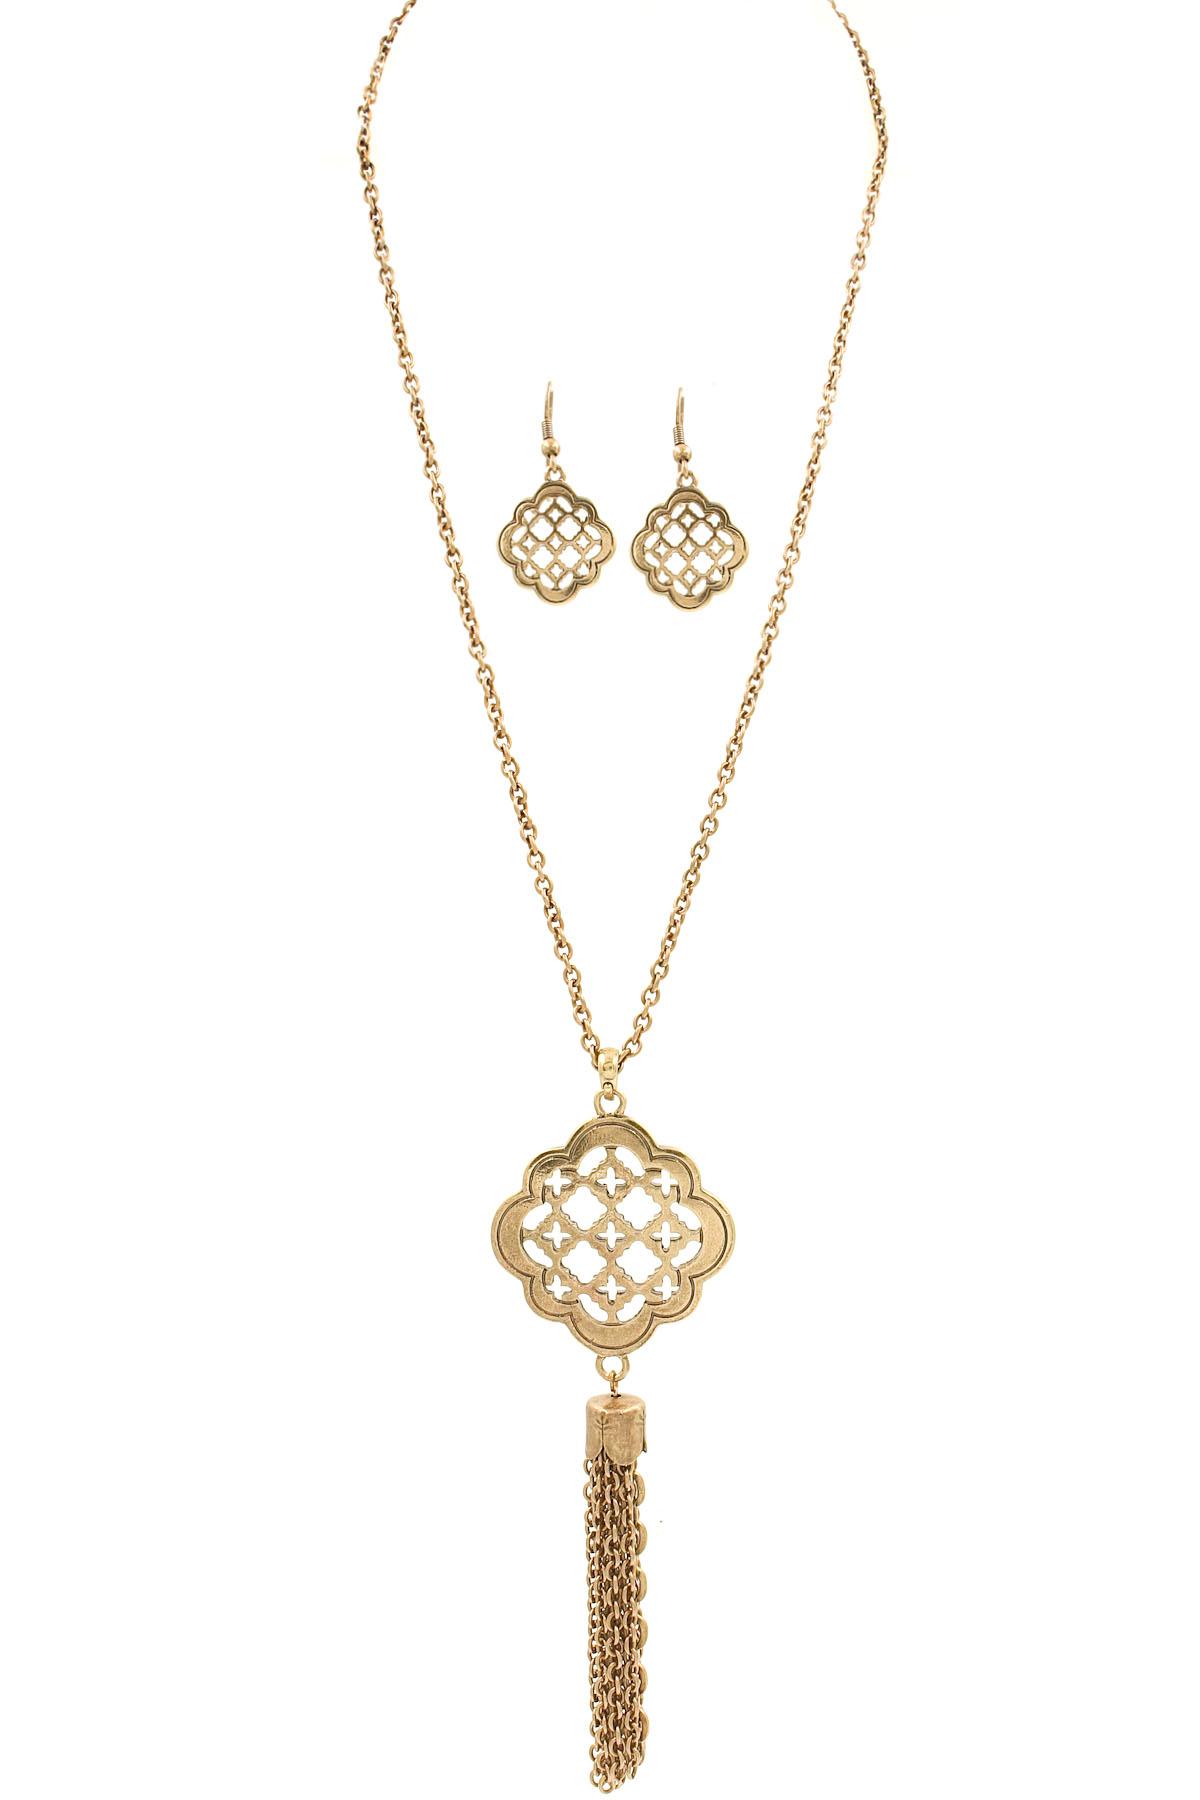 Quatrefoil Pendant Chain Tassel Necklace Set  Necklaces. Golden Dial Watches. Where To Buy Anklets. Golden Coin Necklace. Large Silver Bangle Bracelets. Lei Necklace. Altitude Watches. Engravable Necklace. Pink Quartz Pendant